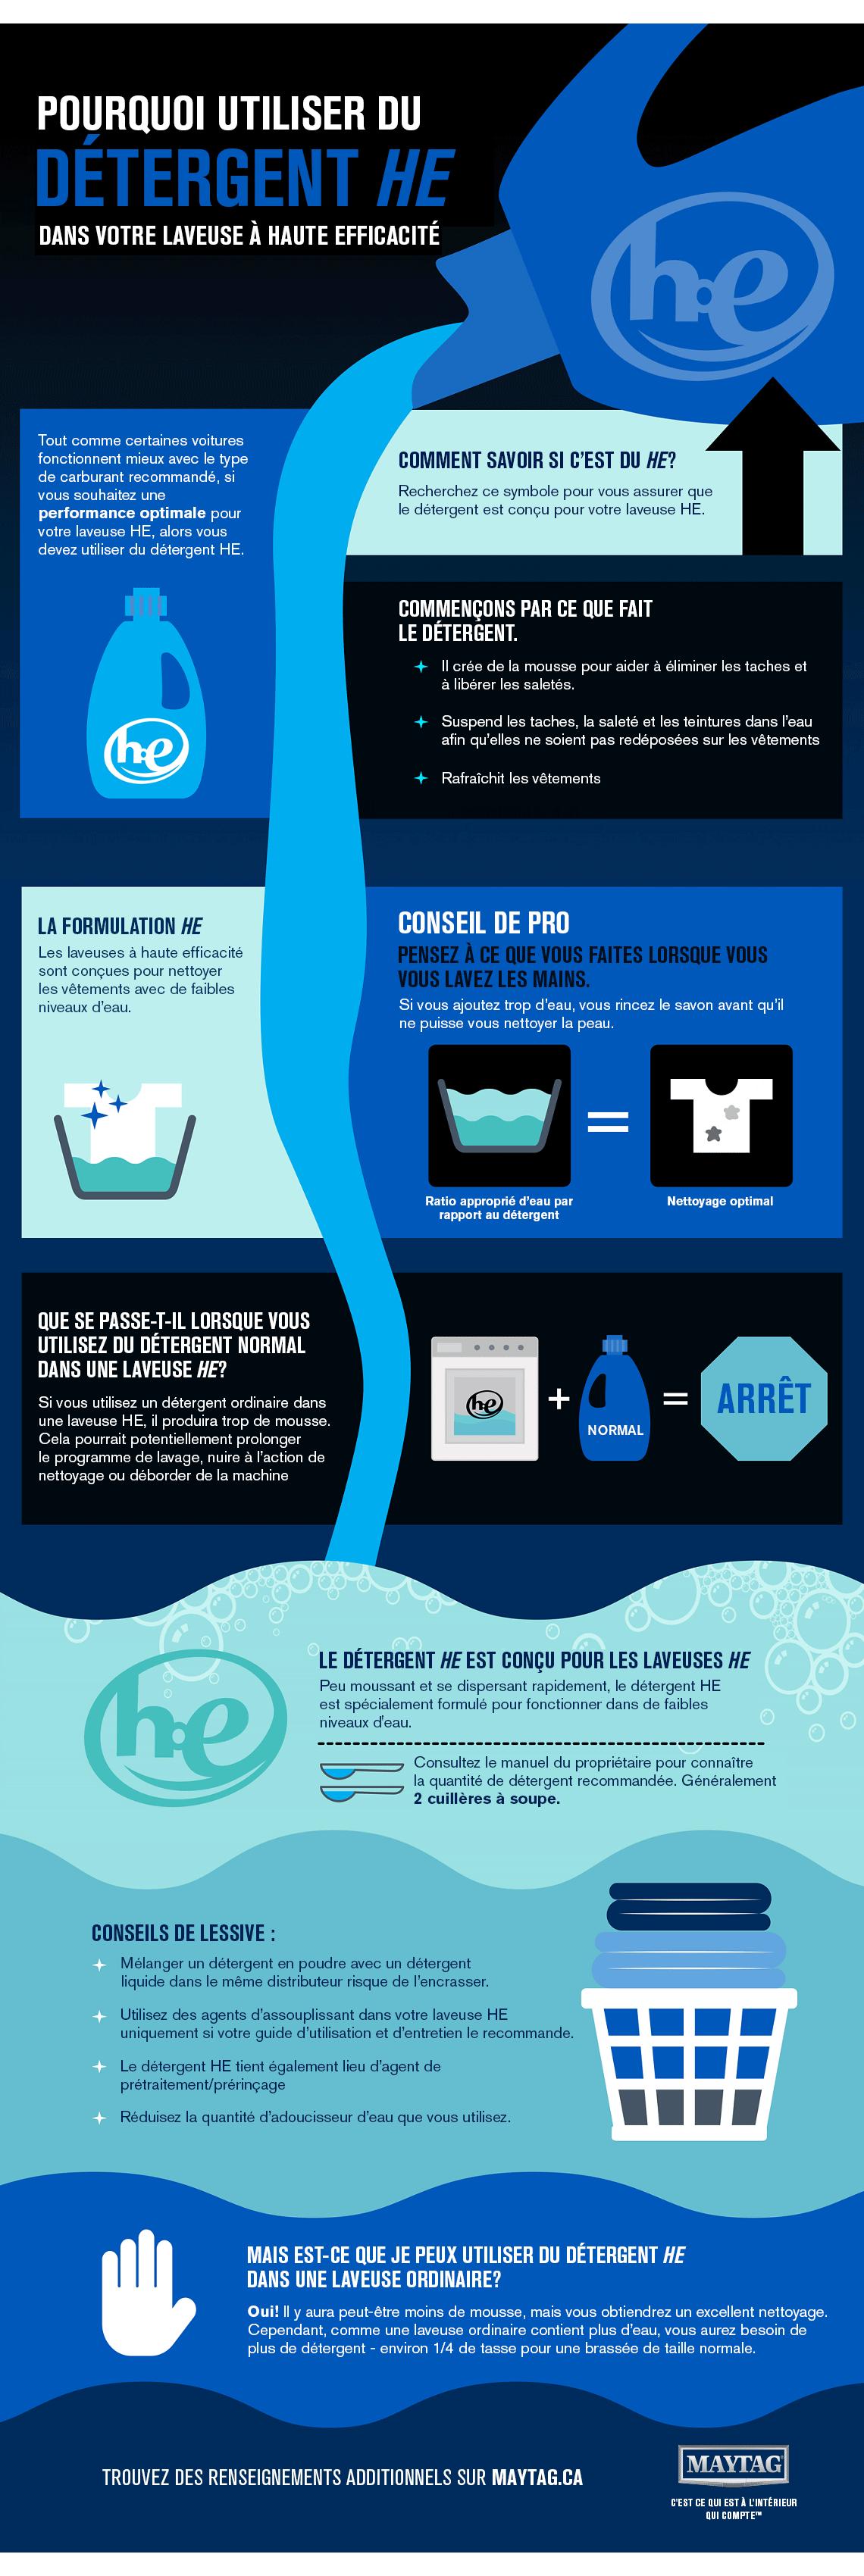 Apprenez comment et pourquoi utiliser un détergent haute efficacité (HE) dans votre laveuse?